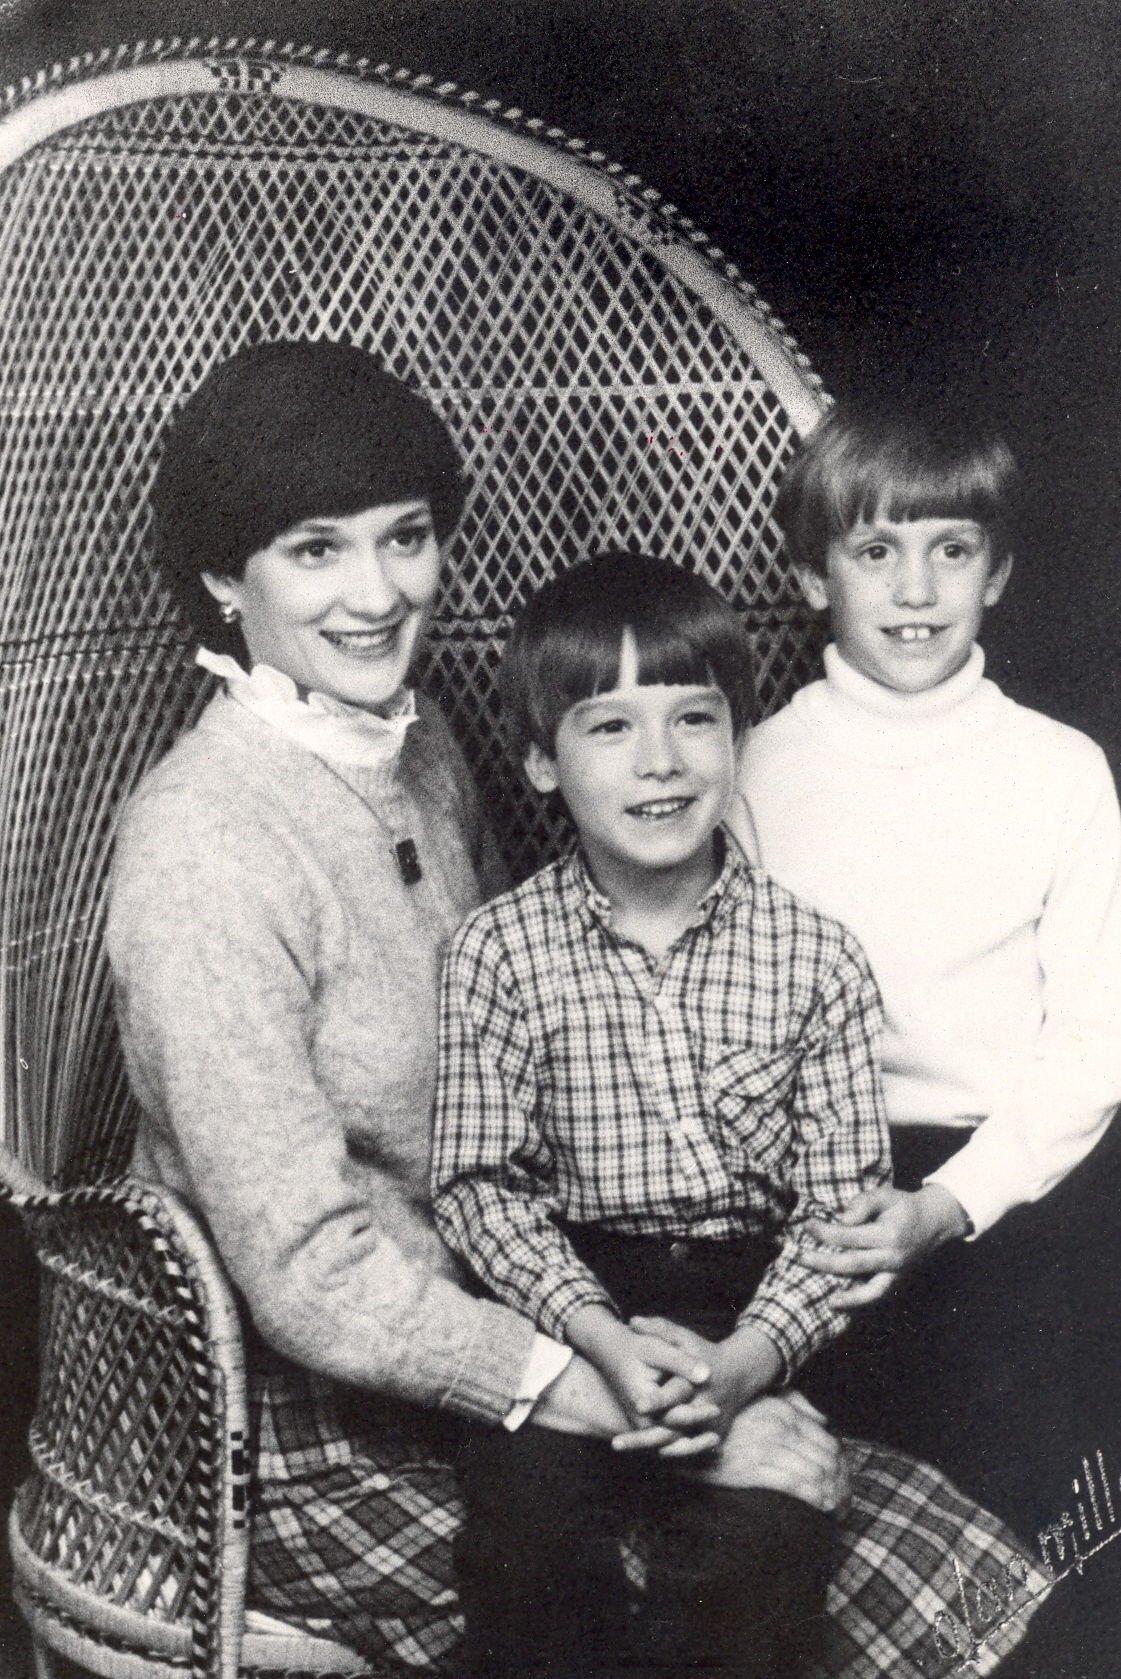 Susie Lynch with her children